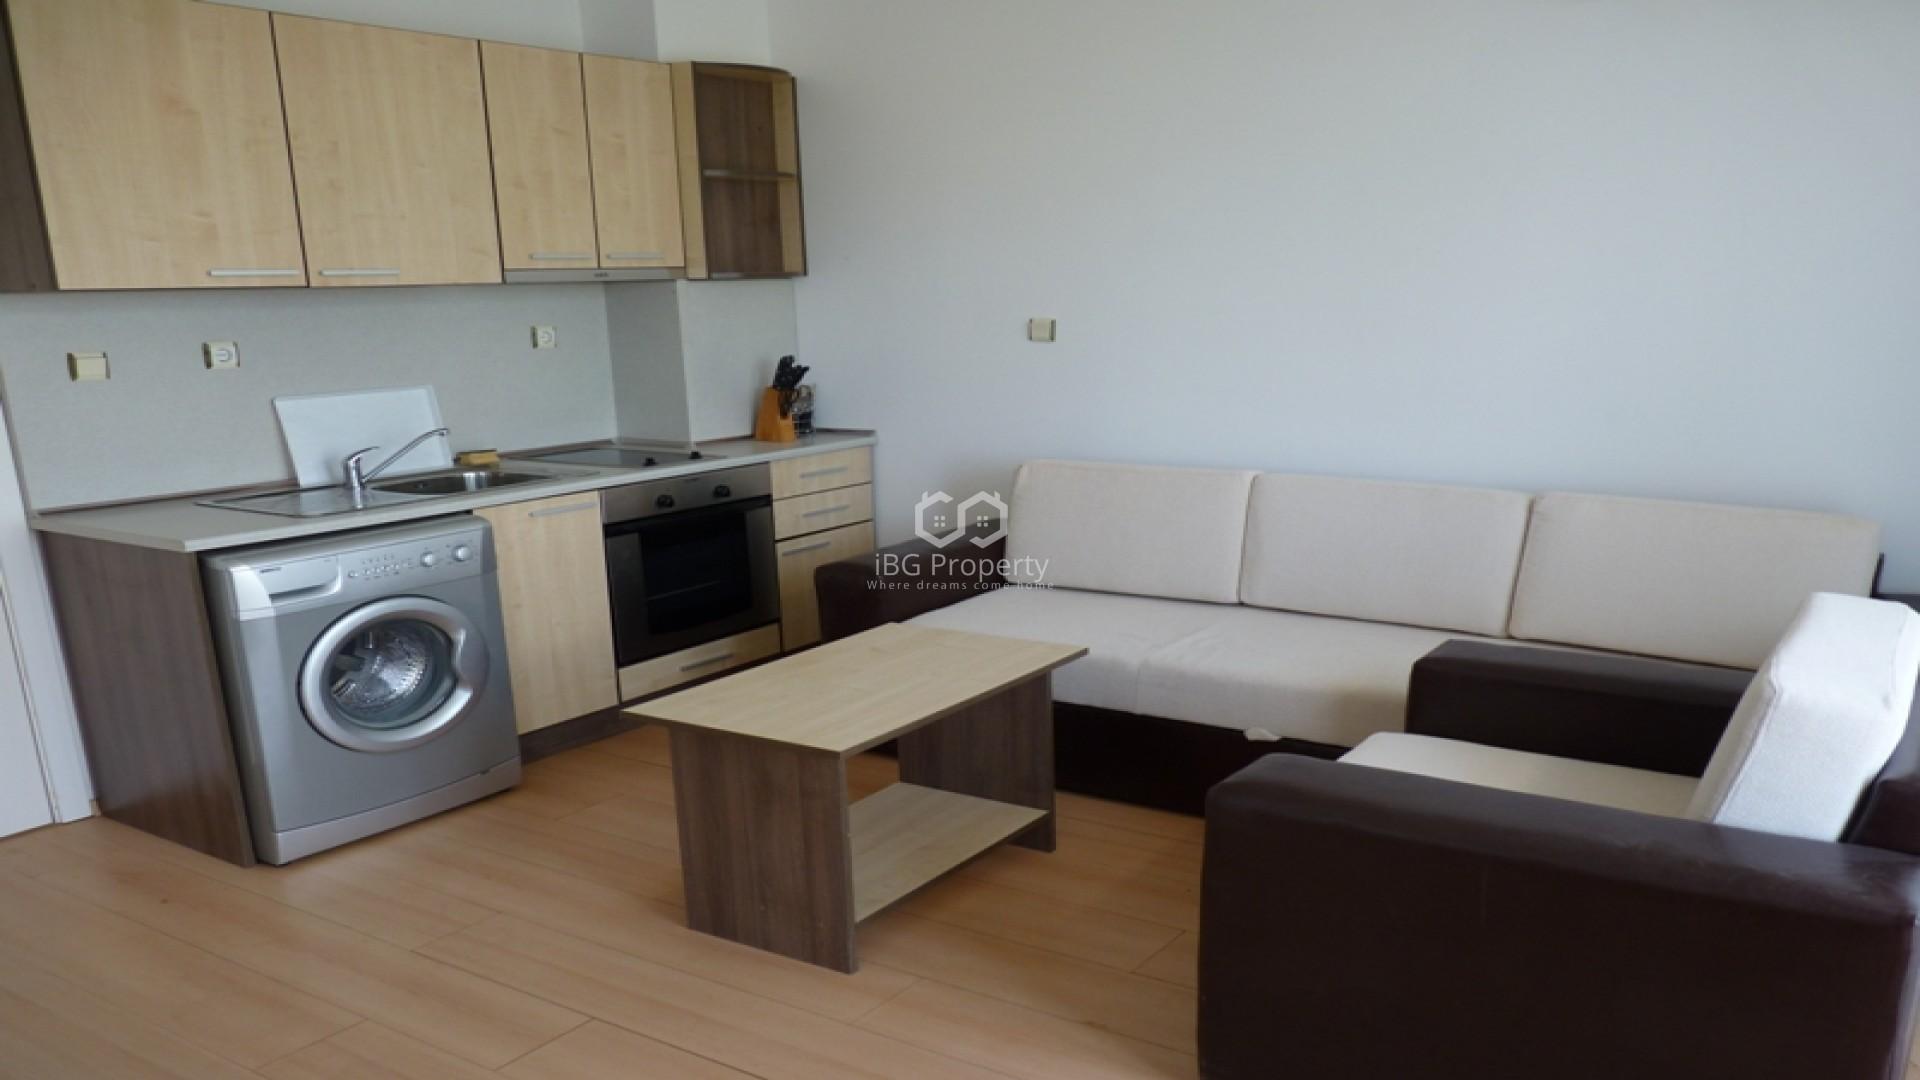 Einzimmerwohnung in Sonnenstrand 42 m2